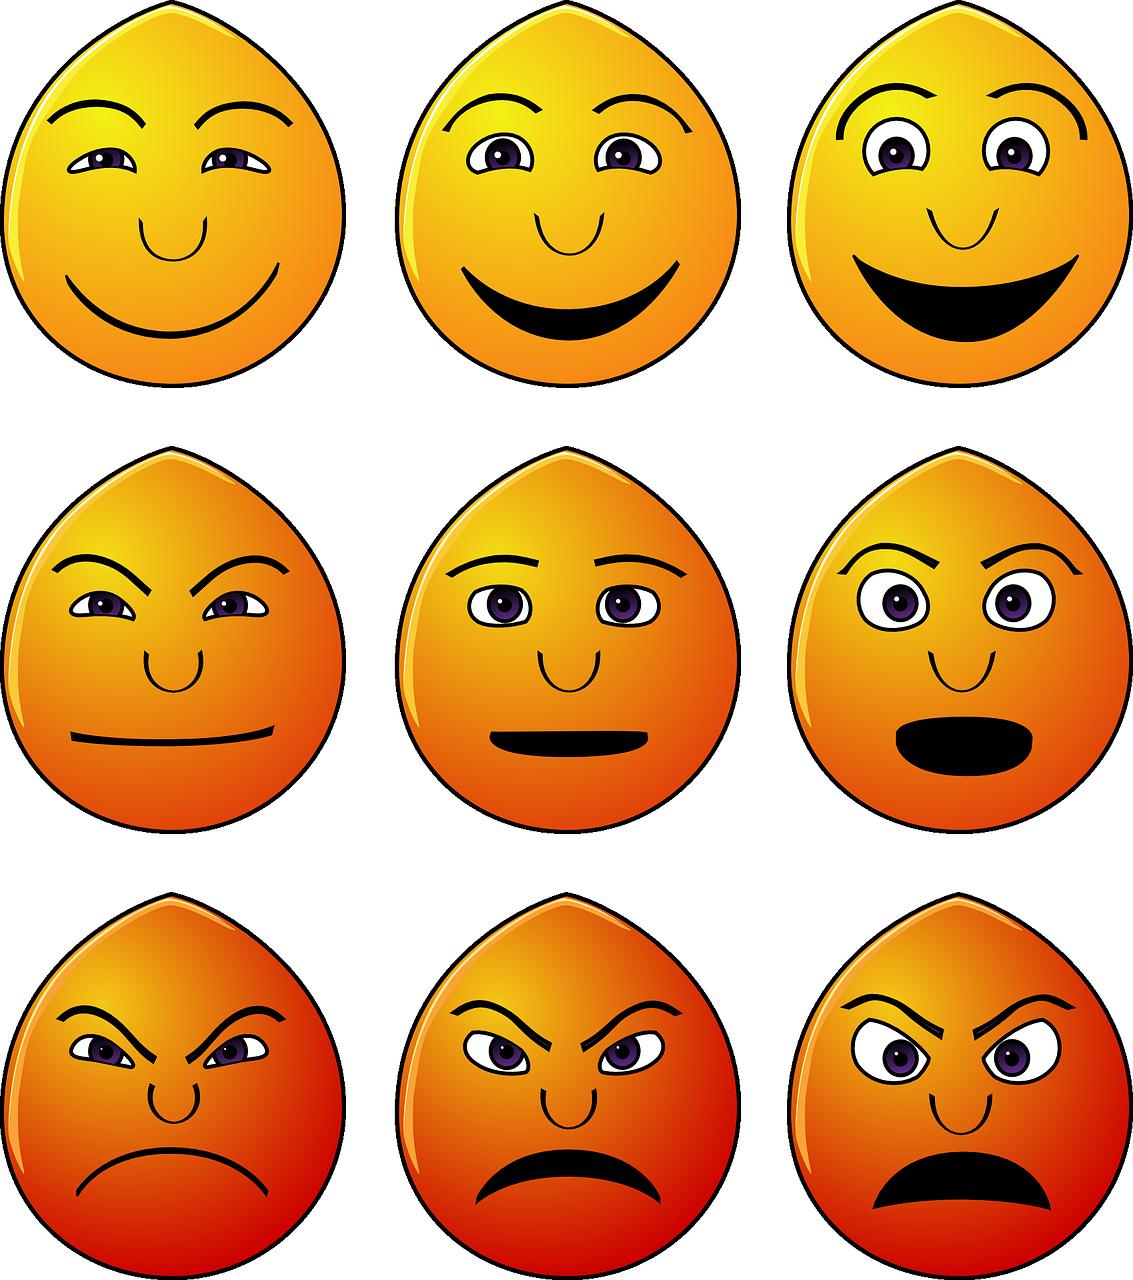 Patient's emotions